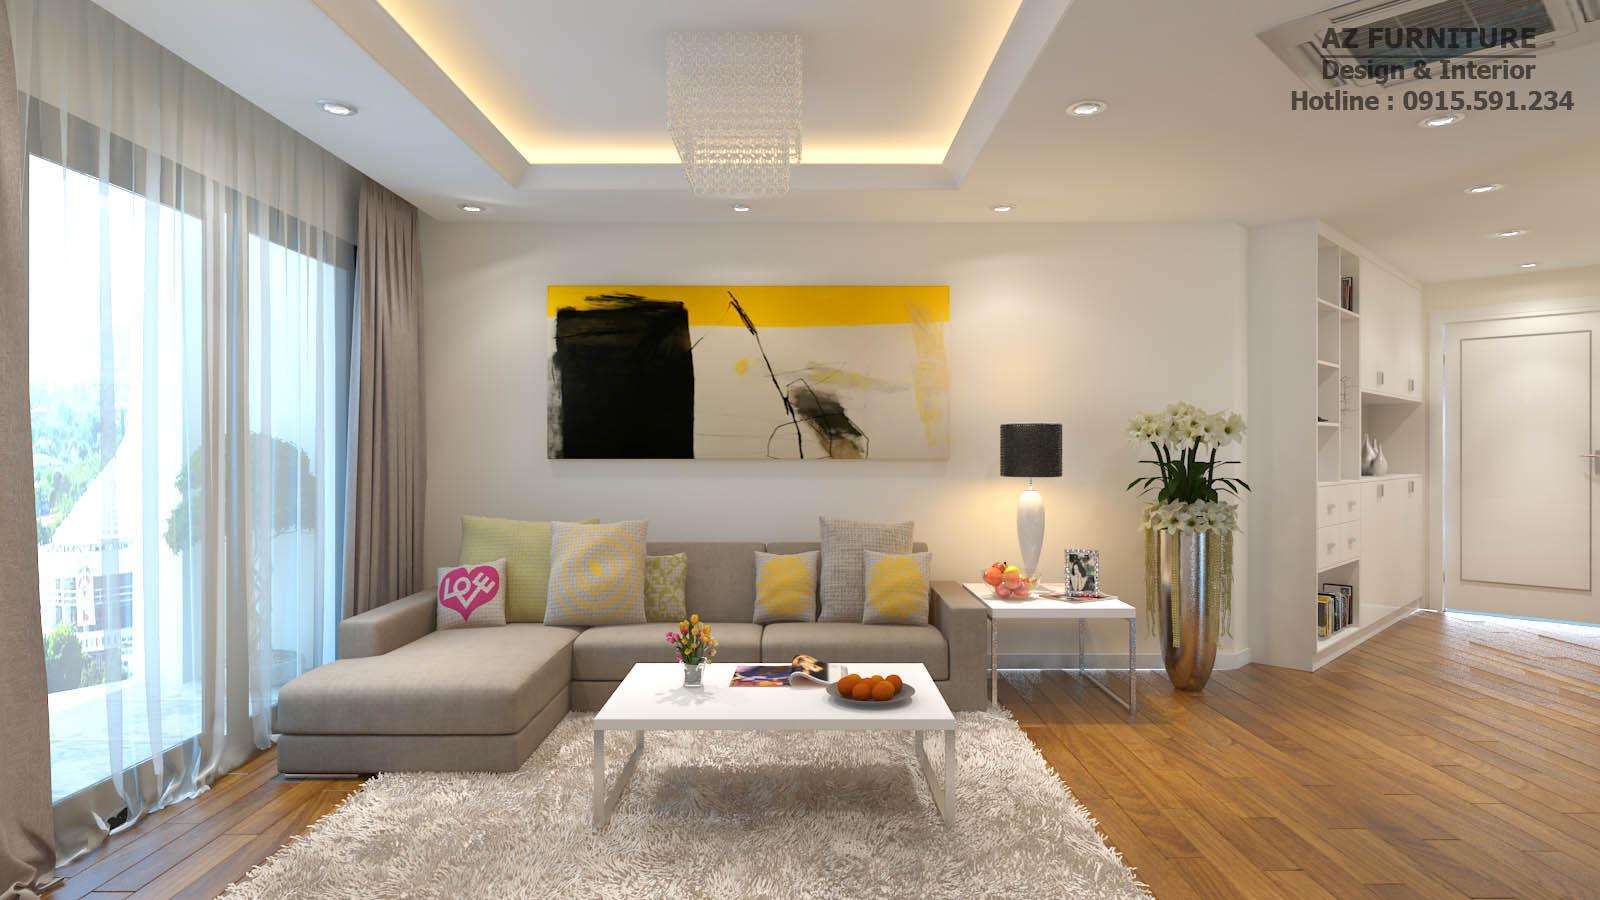 Phòng khách sang trọng hiện đại, năng động, một không gian mở